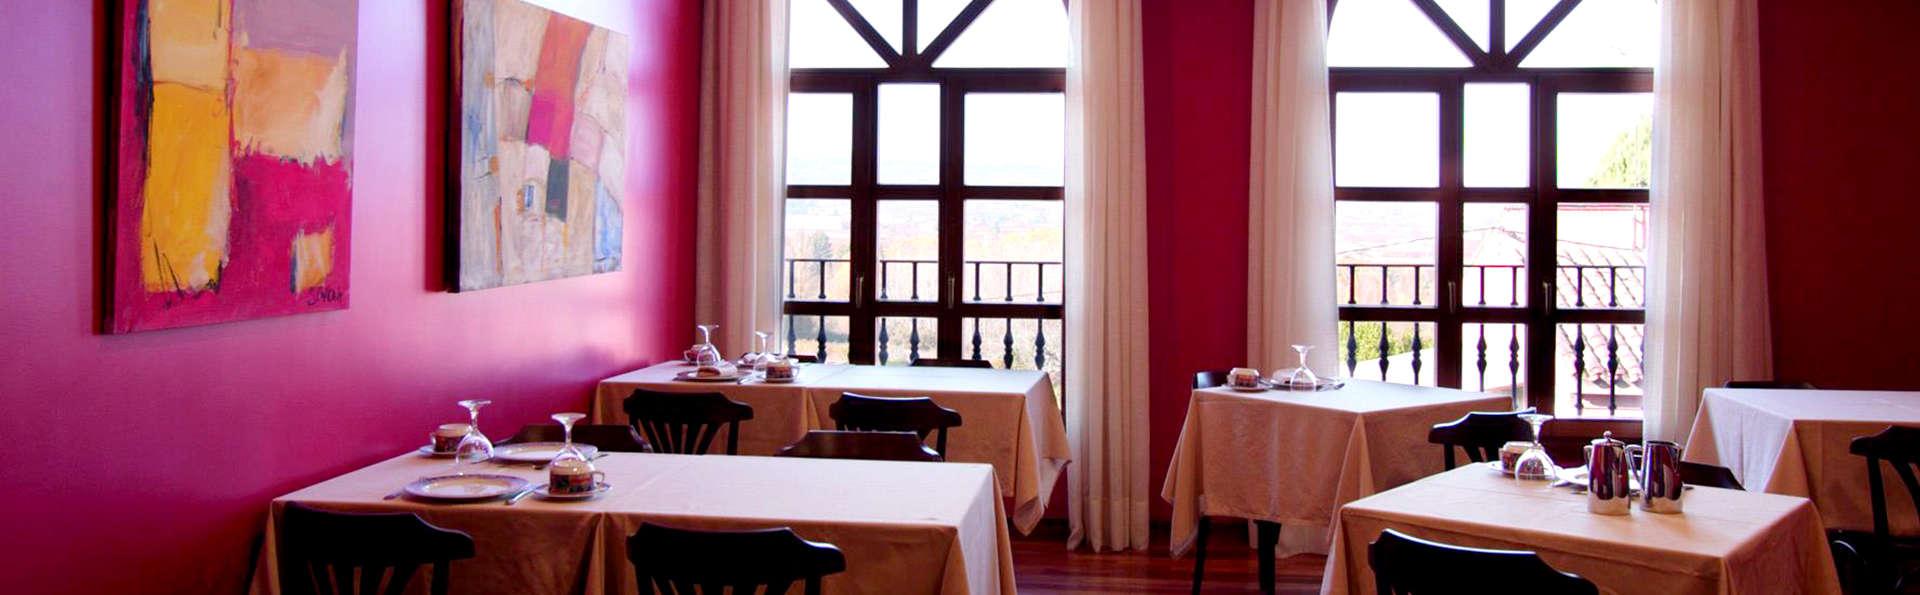 Escapada romántica con cena servida en la habitación y visita bodega